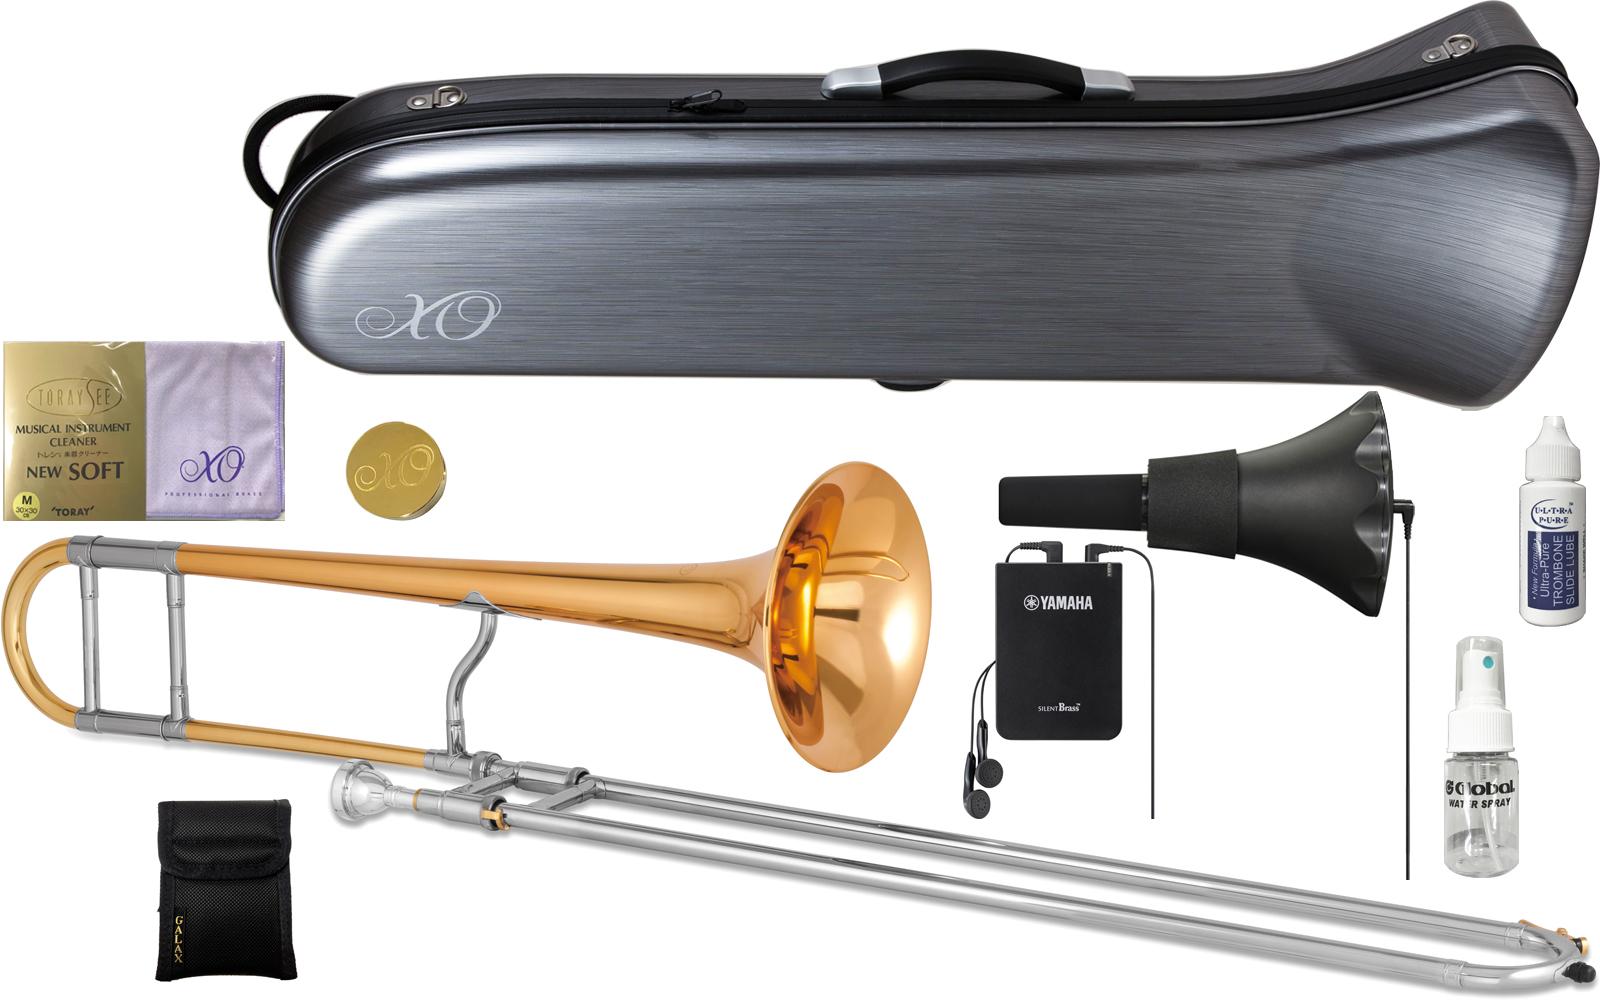 XO ( エックスオー ) 1632RGL-LT トロンボーン 新品 B♭ テナートロンボーン ゴールドブラス ジョンフェチョックモデル 細管 B♭ トロンボーン 管楽器 Tenor Trombones セットB 送料無料